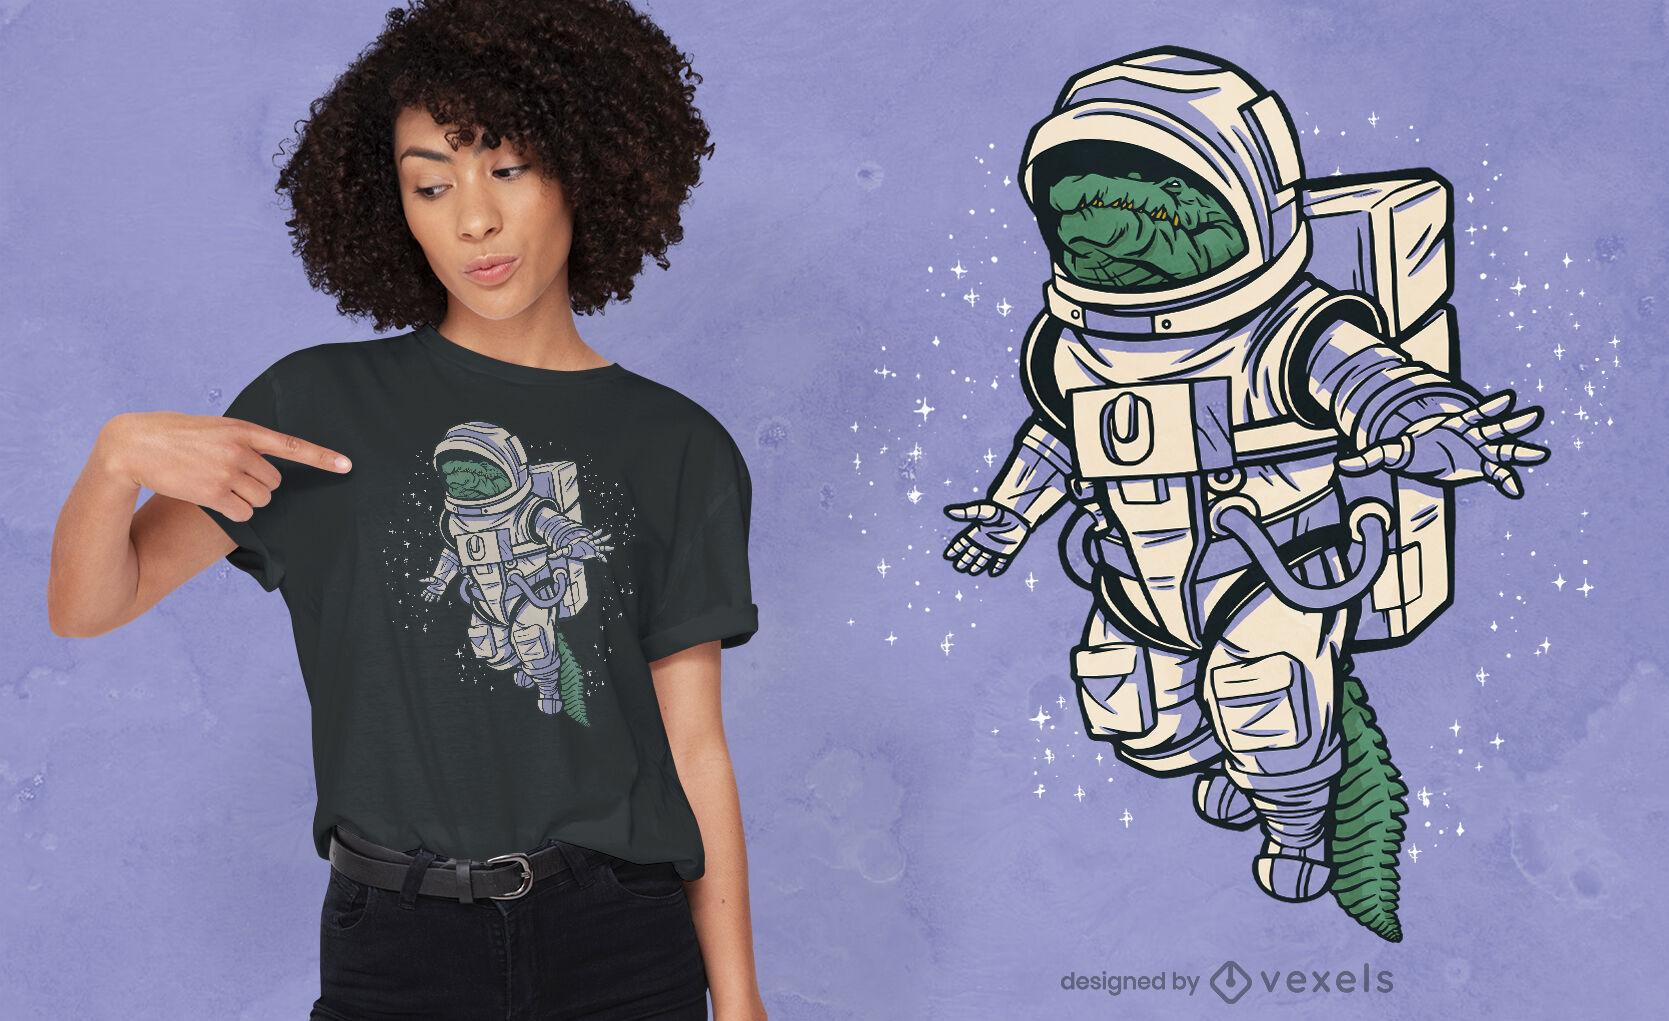 Alligator-Weltraumastronaut-T-Shirt-Design